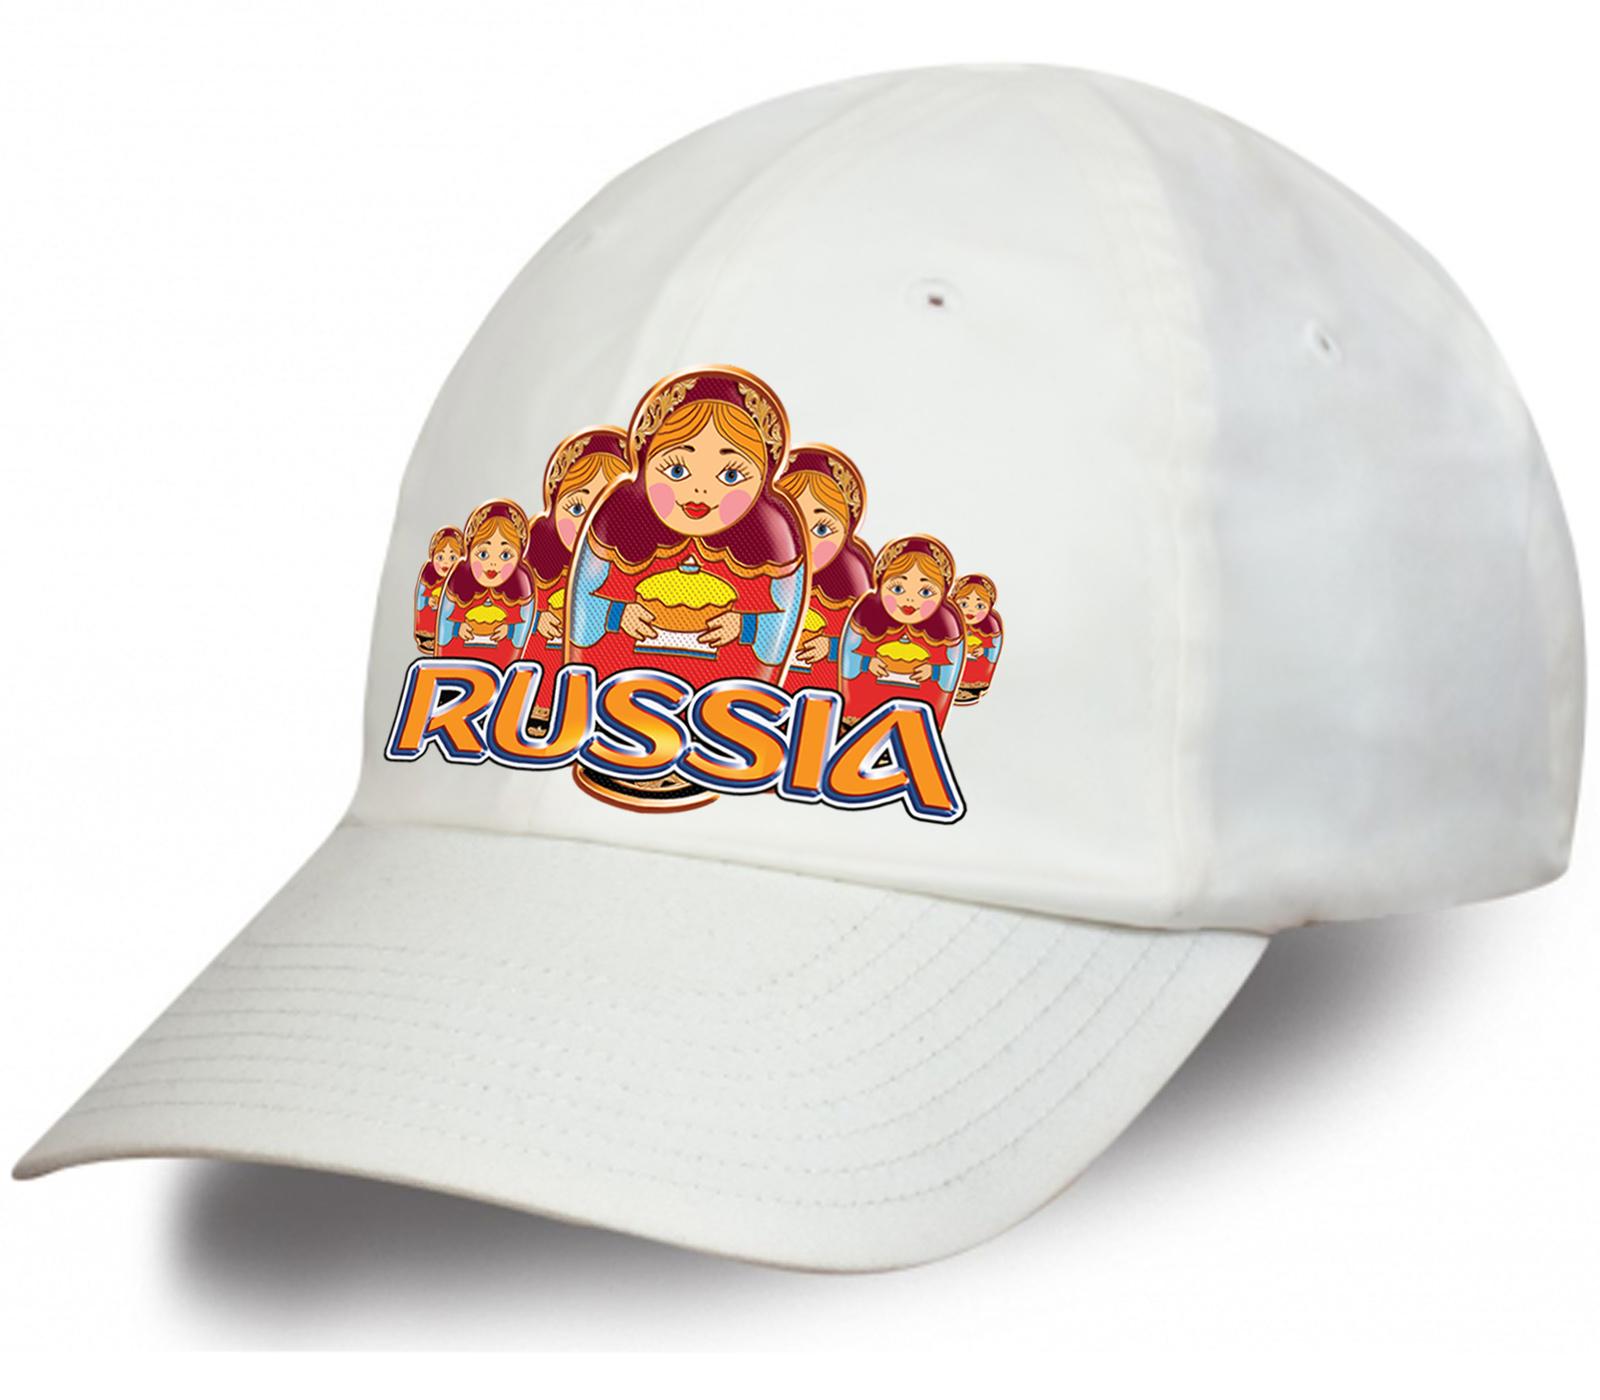 Кепки «Россия» от производителя – оригинальный дизайн и честная цена